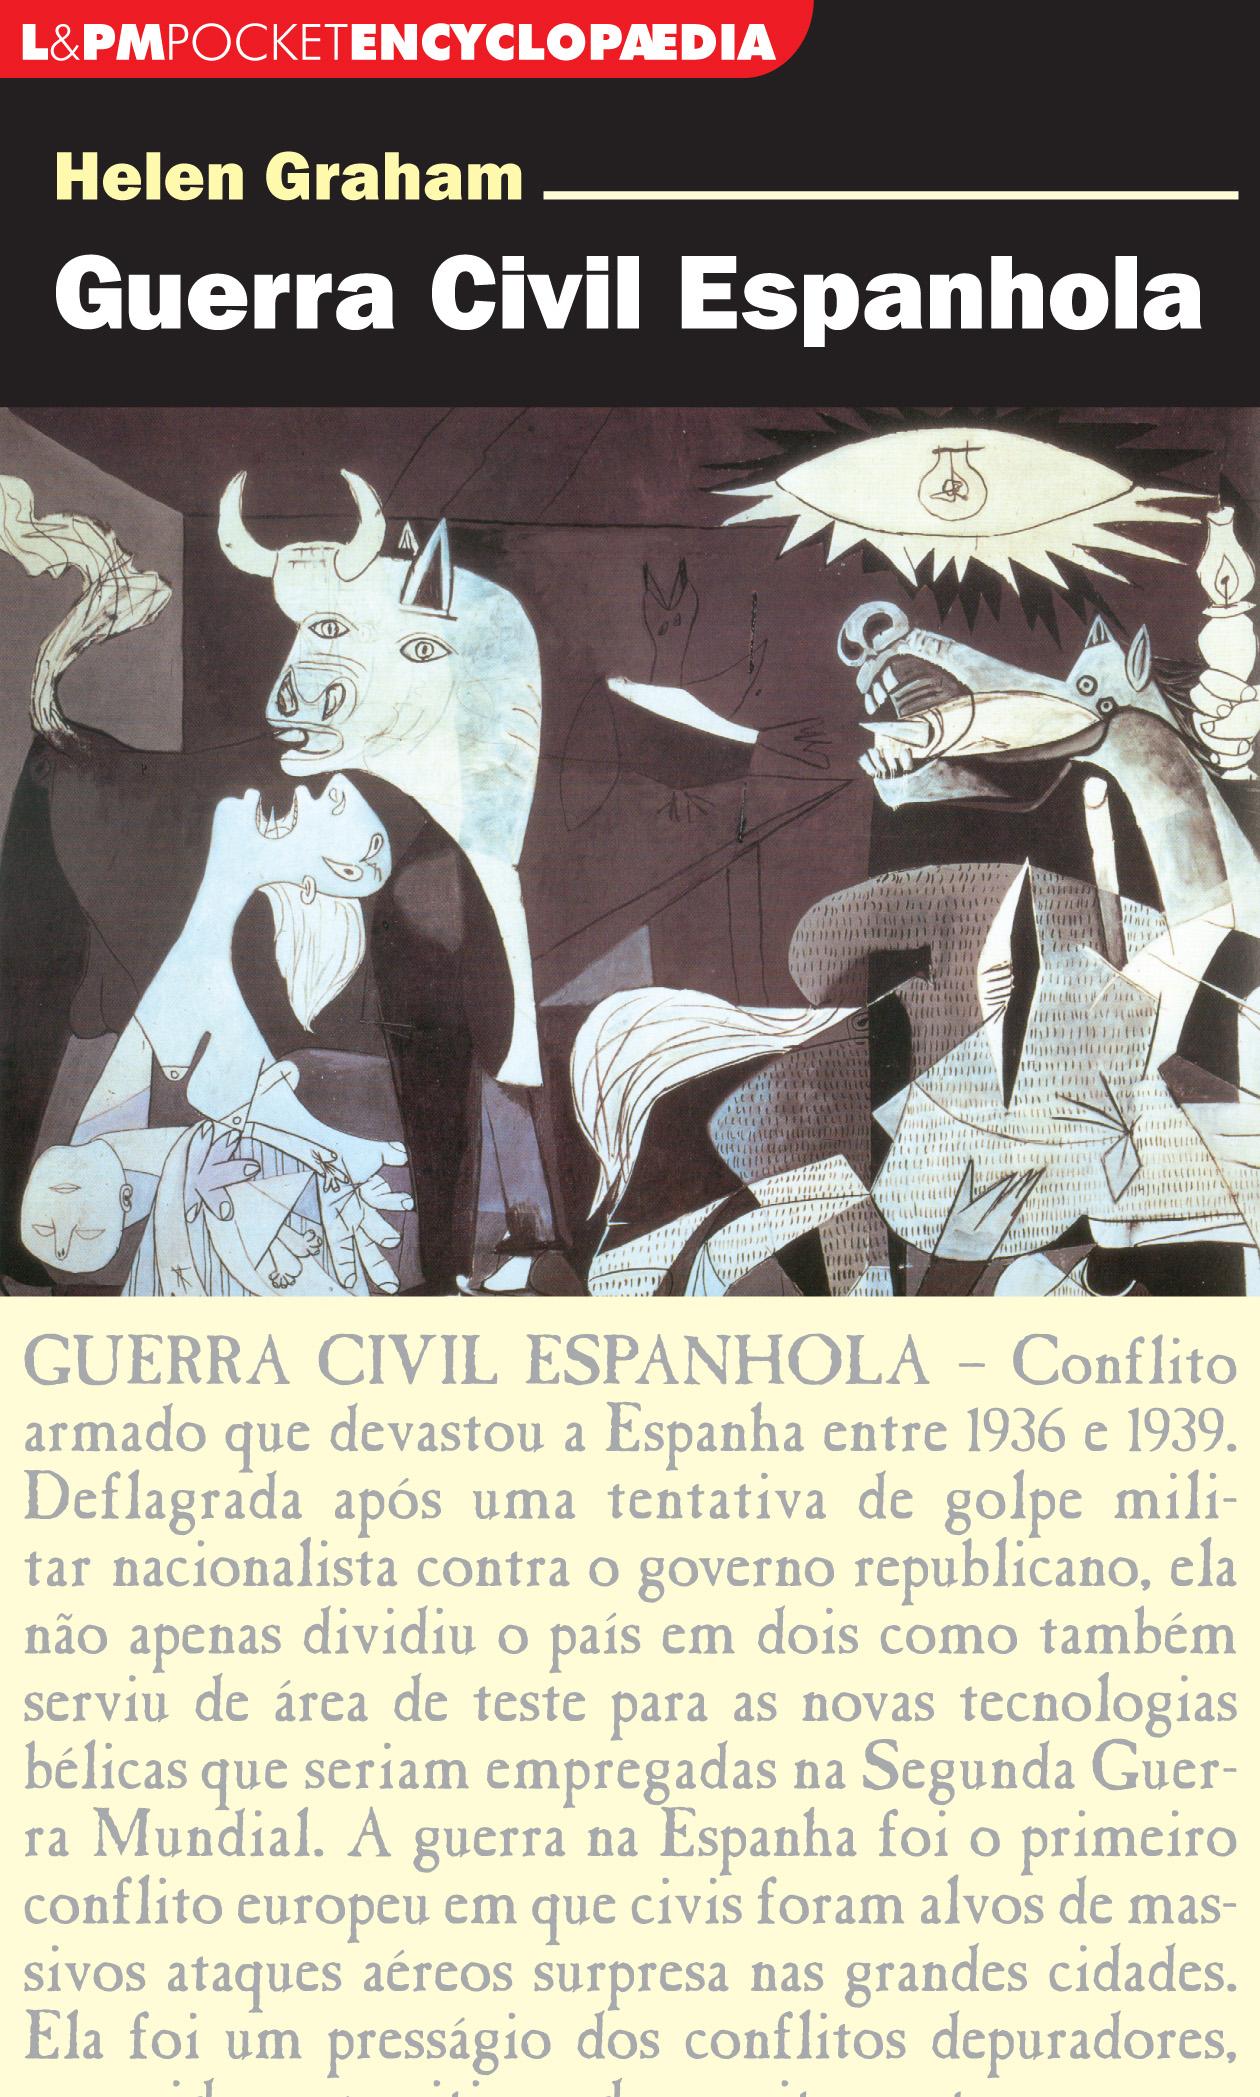 Guernica Blog Da L Pm Editores